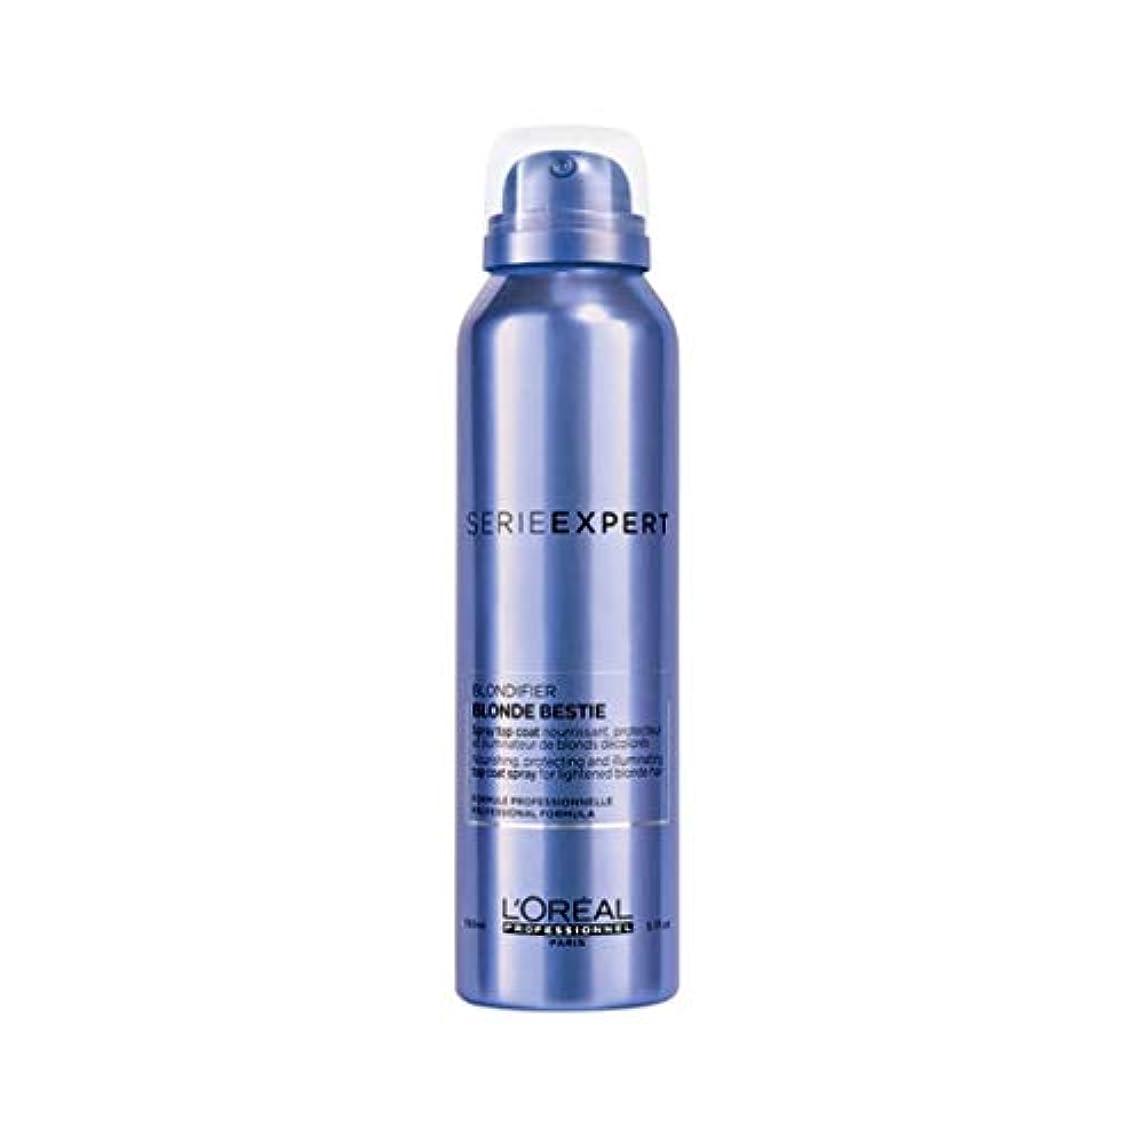 早熟はさみ優先権ロレアル セリエ エクスパート ブロンディファイア ブロンド ベスティー スプレー L'Oreal Serie Expert Blondifier Blond Bestie Spray 150 ml [並行輸入品]